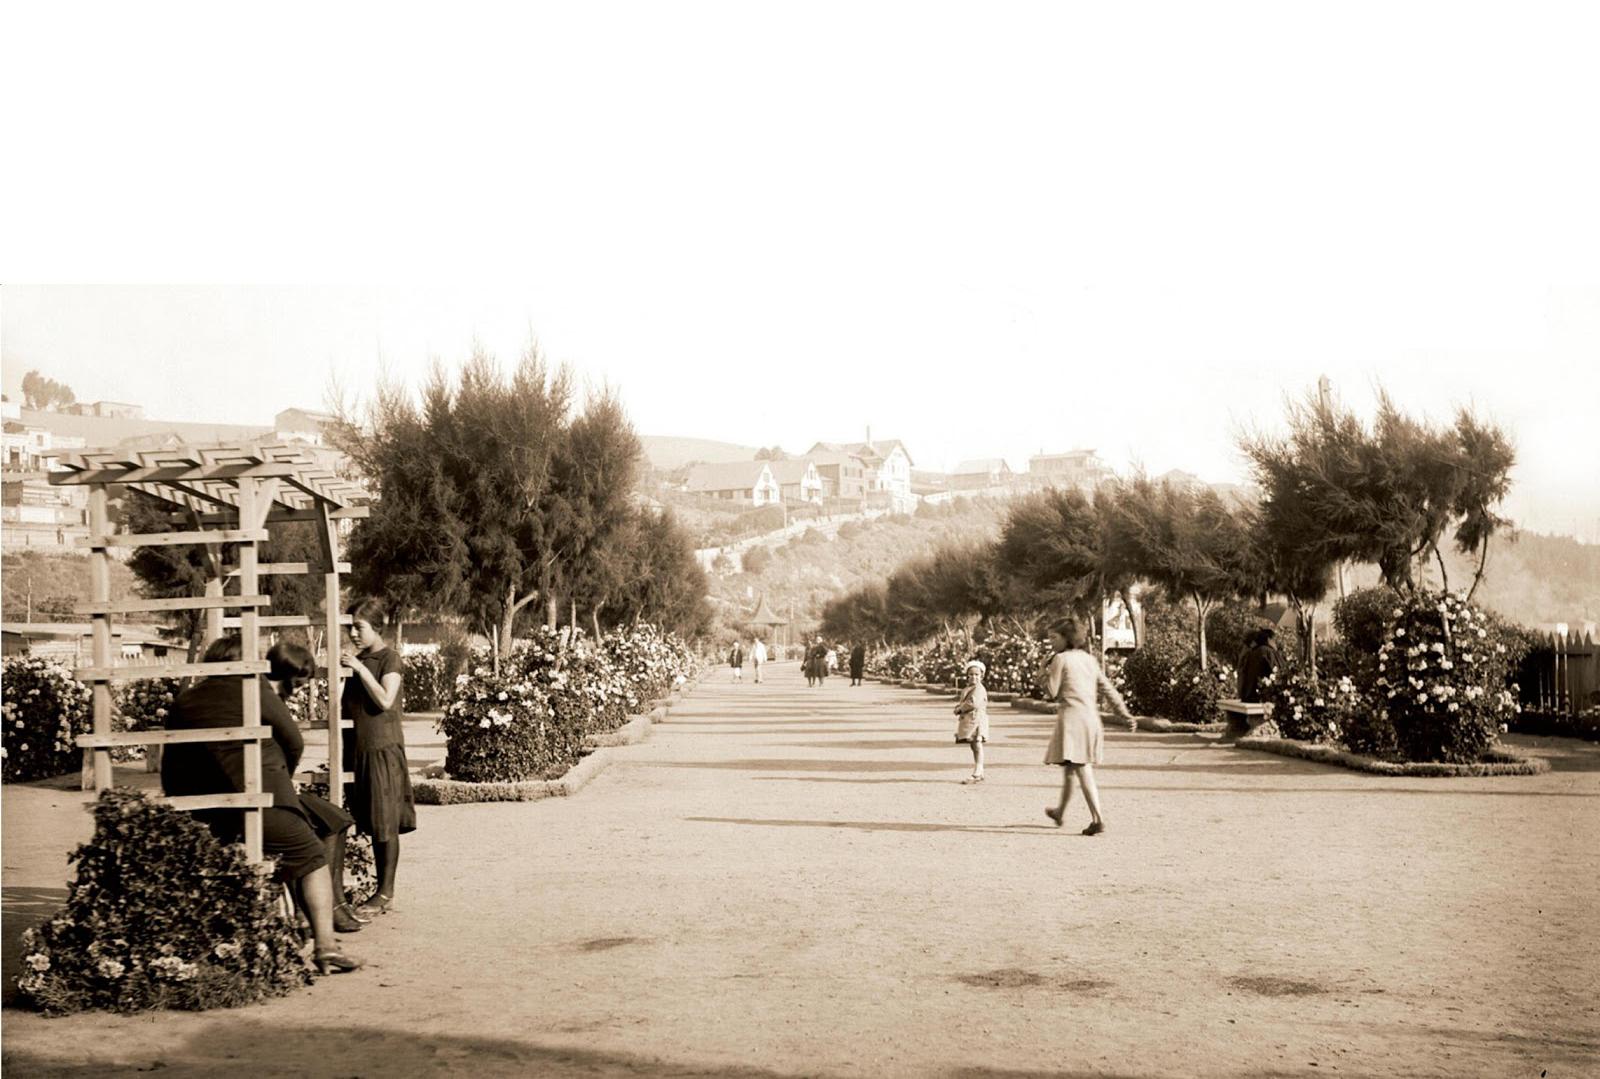 Enterreno - Fotos históricas de chile - fotos antiguas de Chile - Costanera en San Antonio en 1940